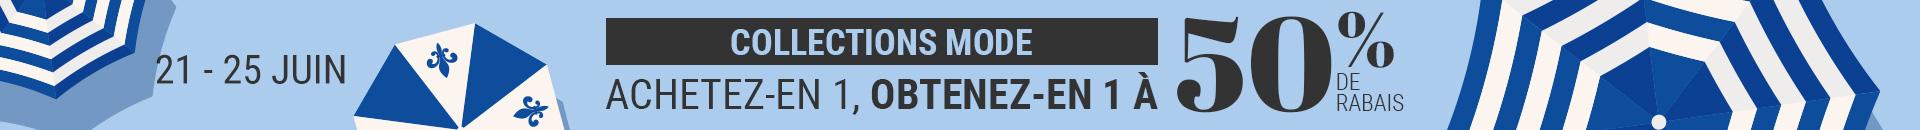 Collections mode Achetez-en 1, obtenez-en 1 à 50 % de rabais sur nos favoris des collections mode